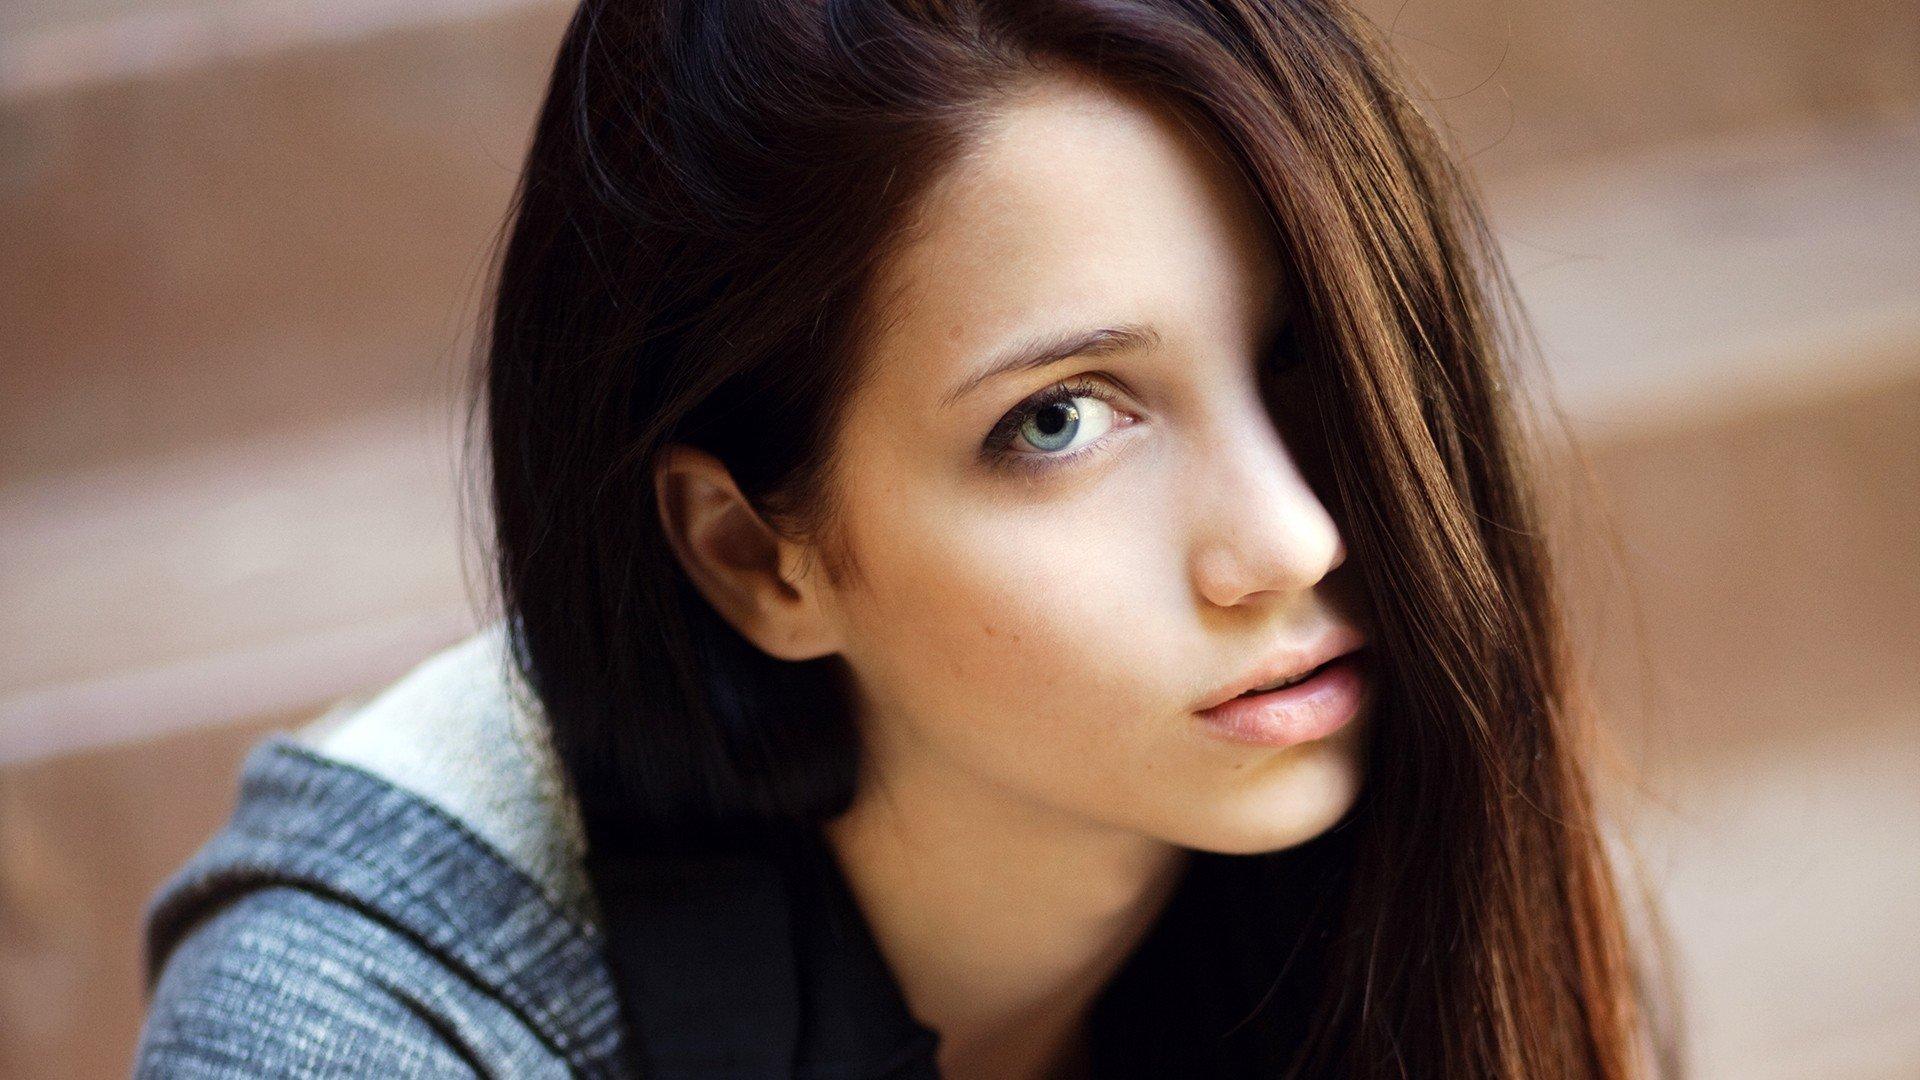 Фото девушки одного лица картинки